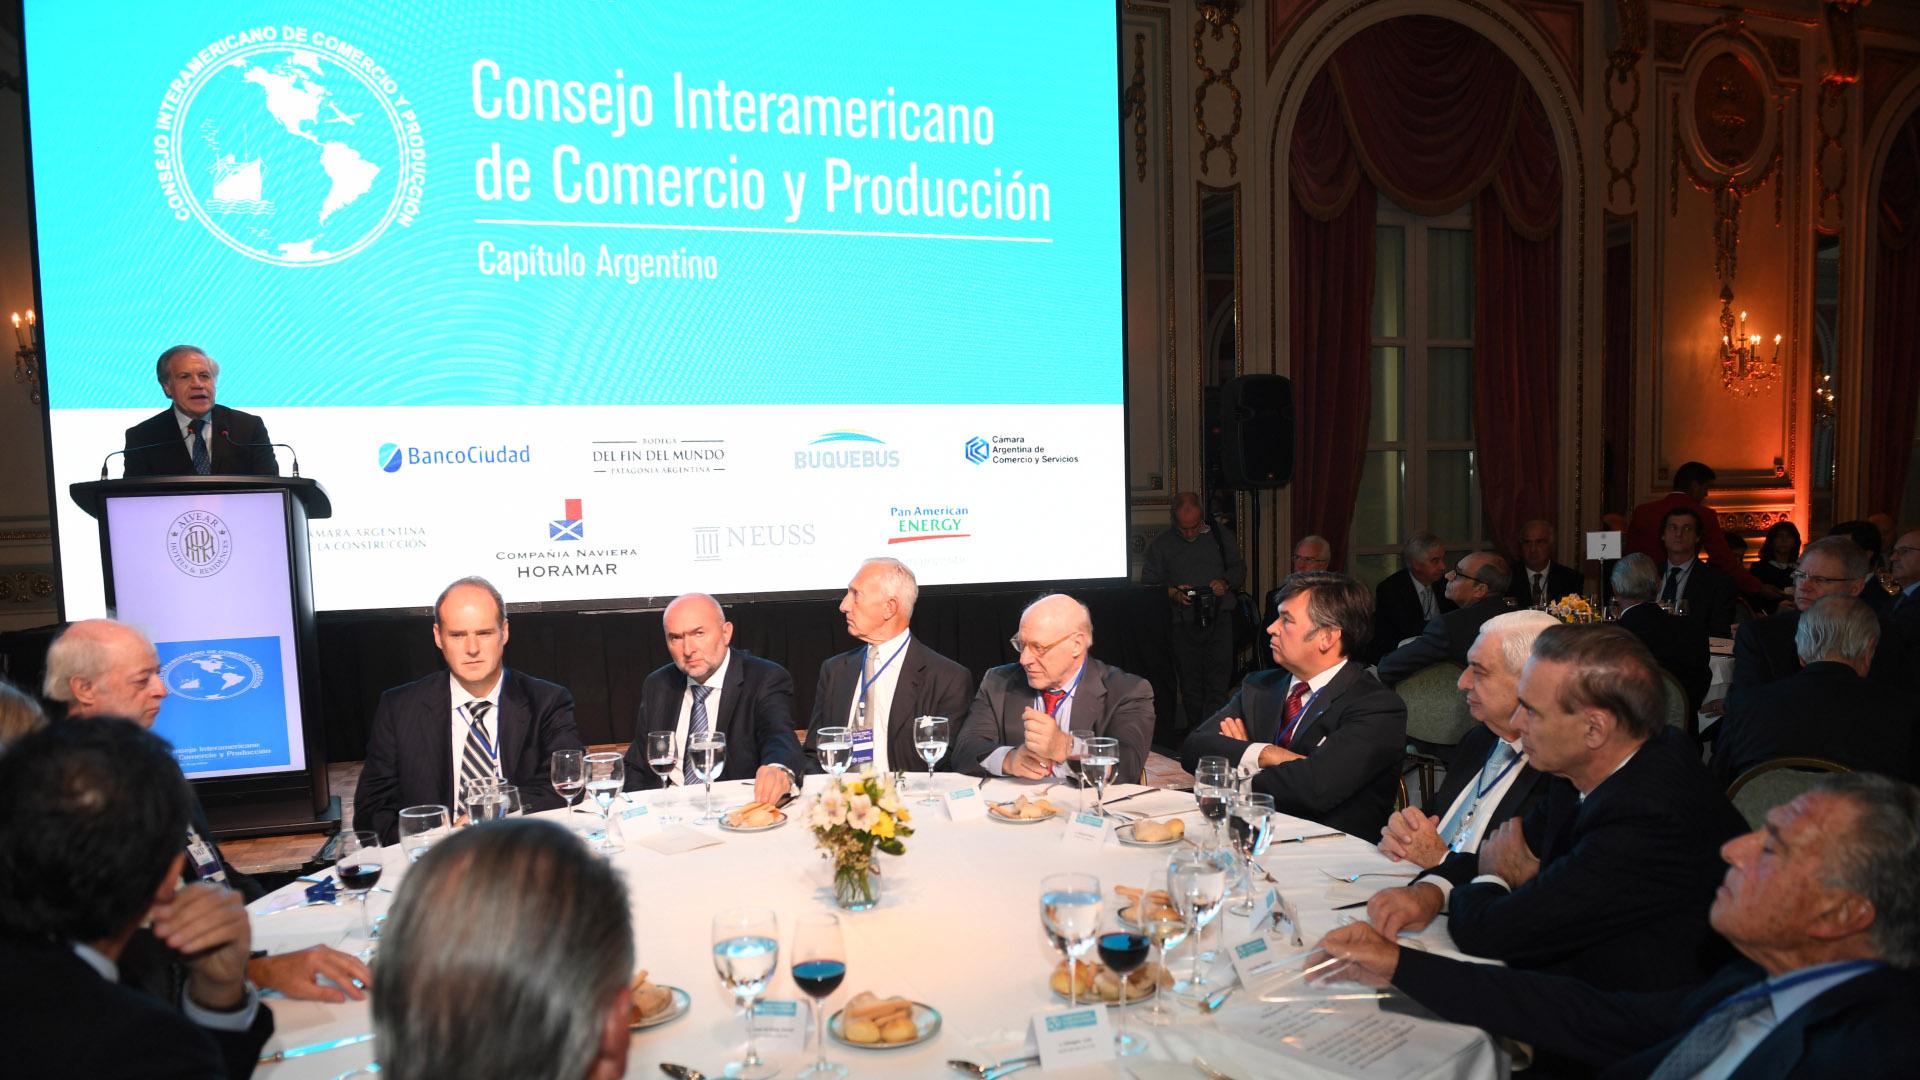 La disertación del secretario general de la OEA